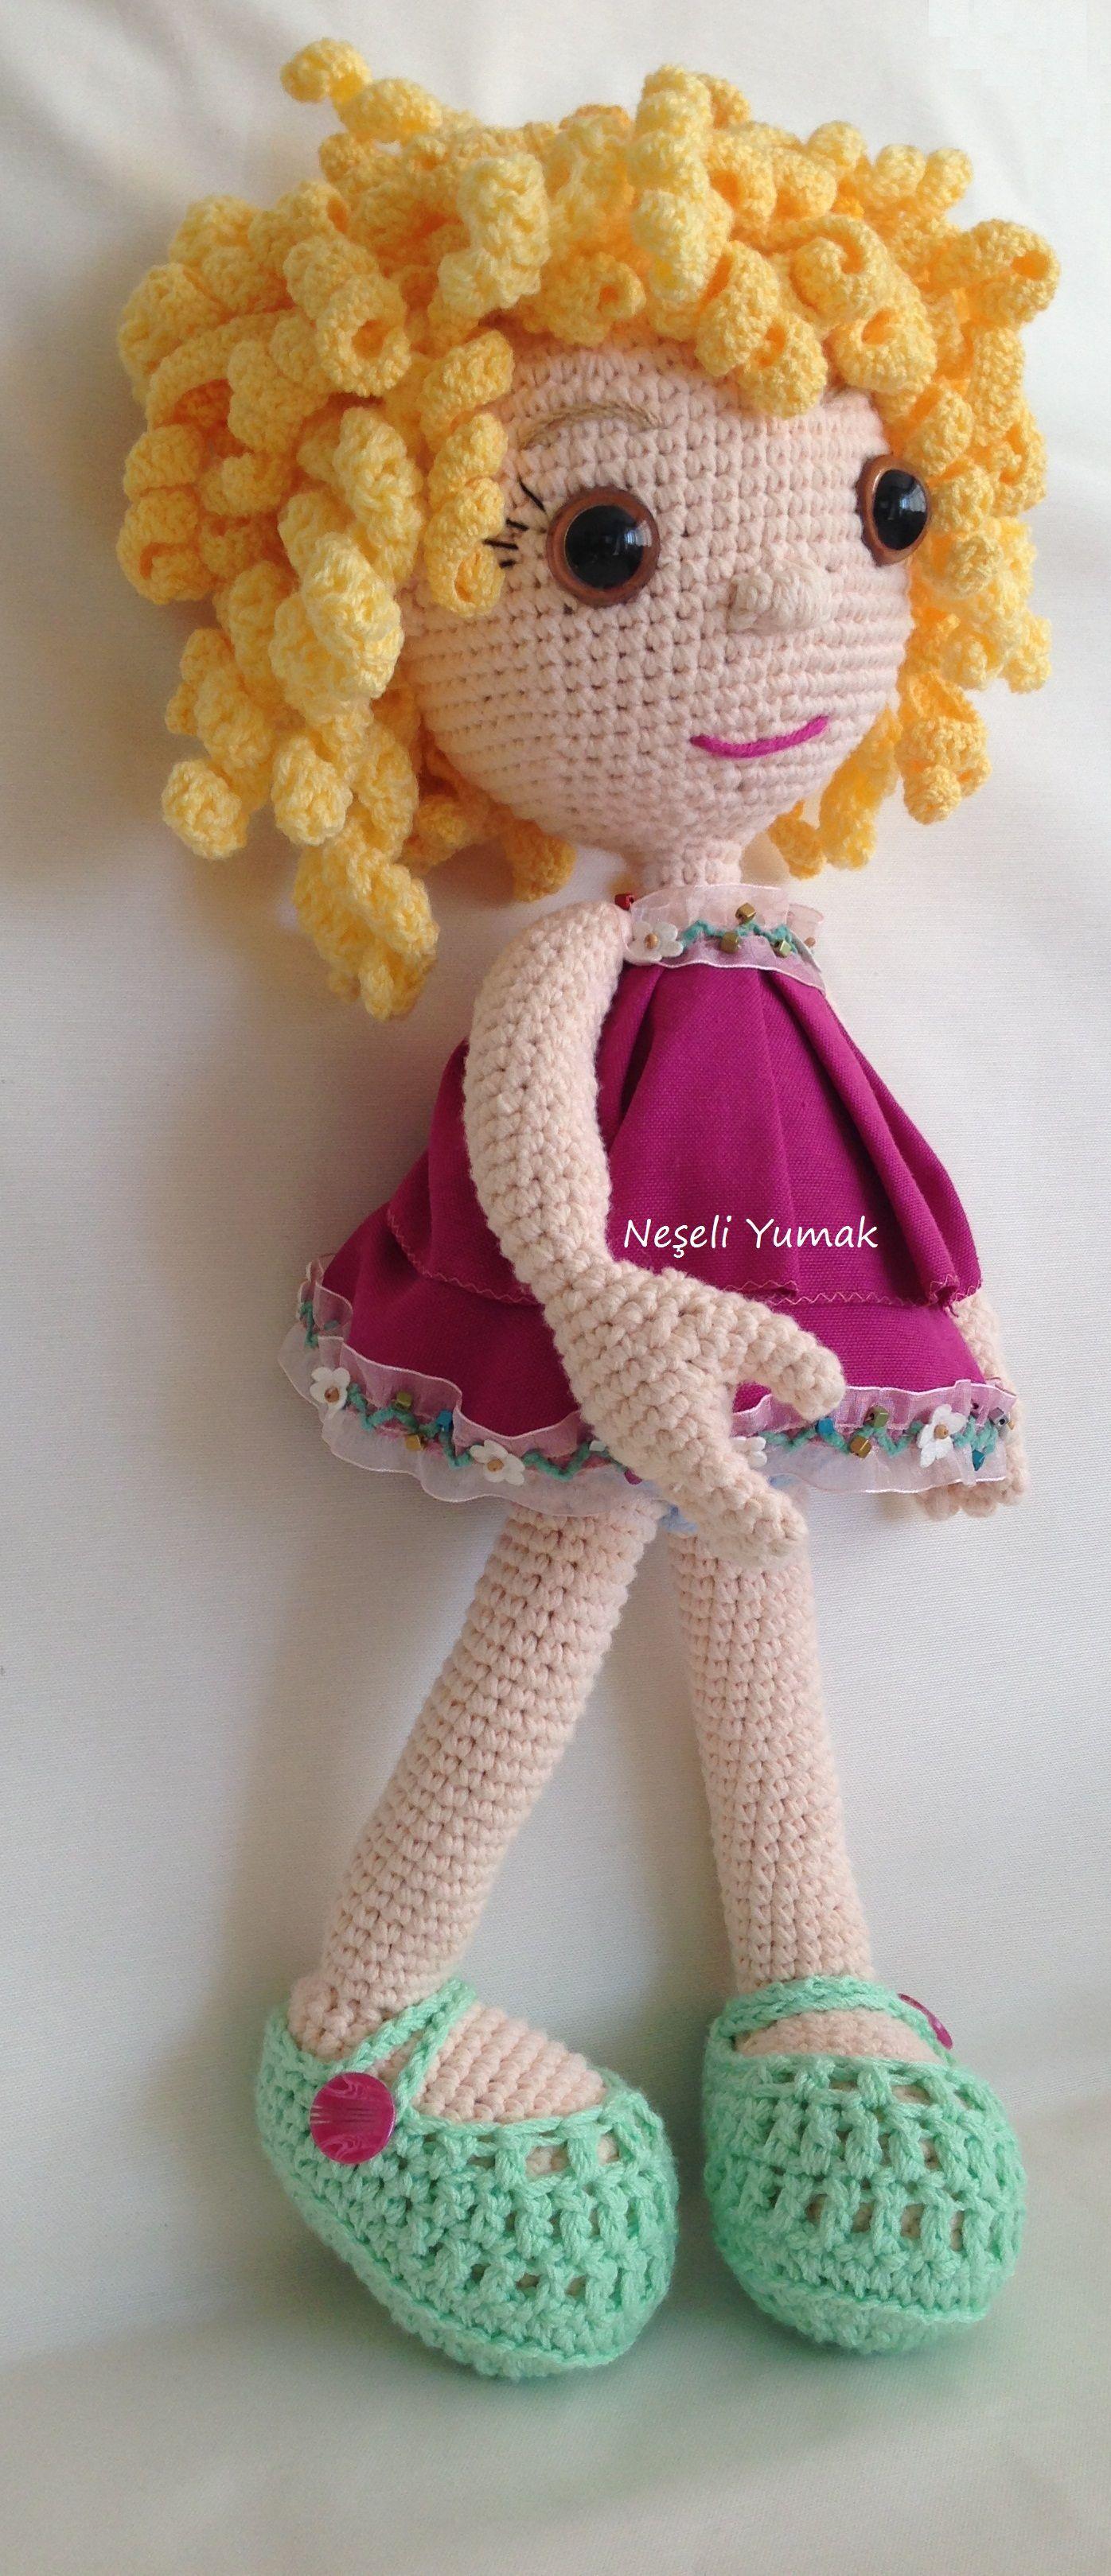 Risitos | crochet | Pinterest | Puppen, Häkeln und Puppe